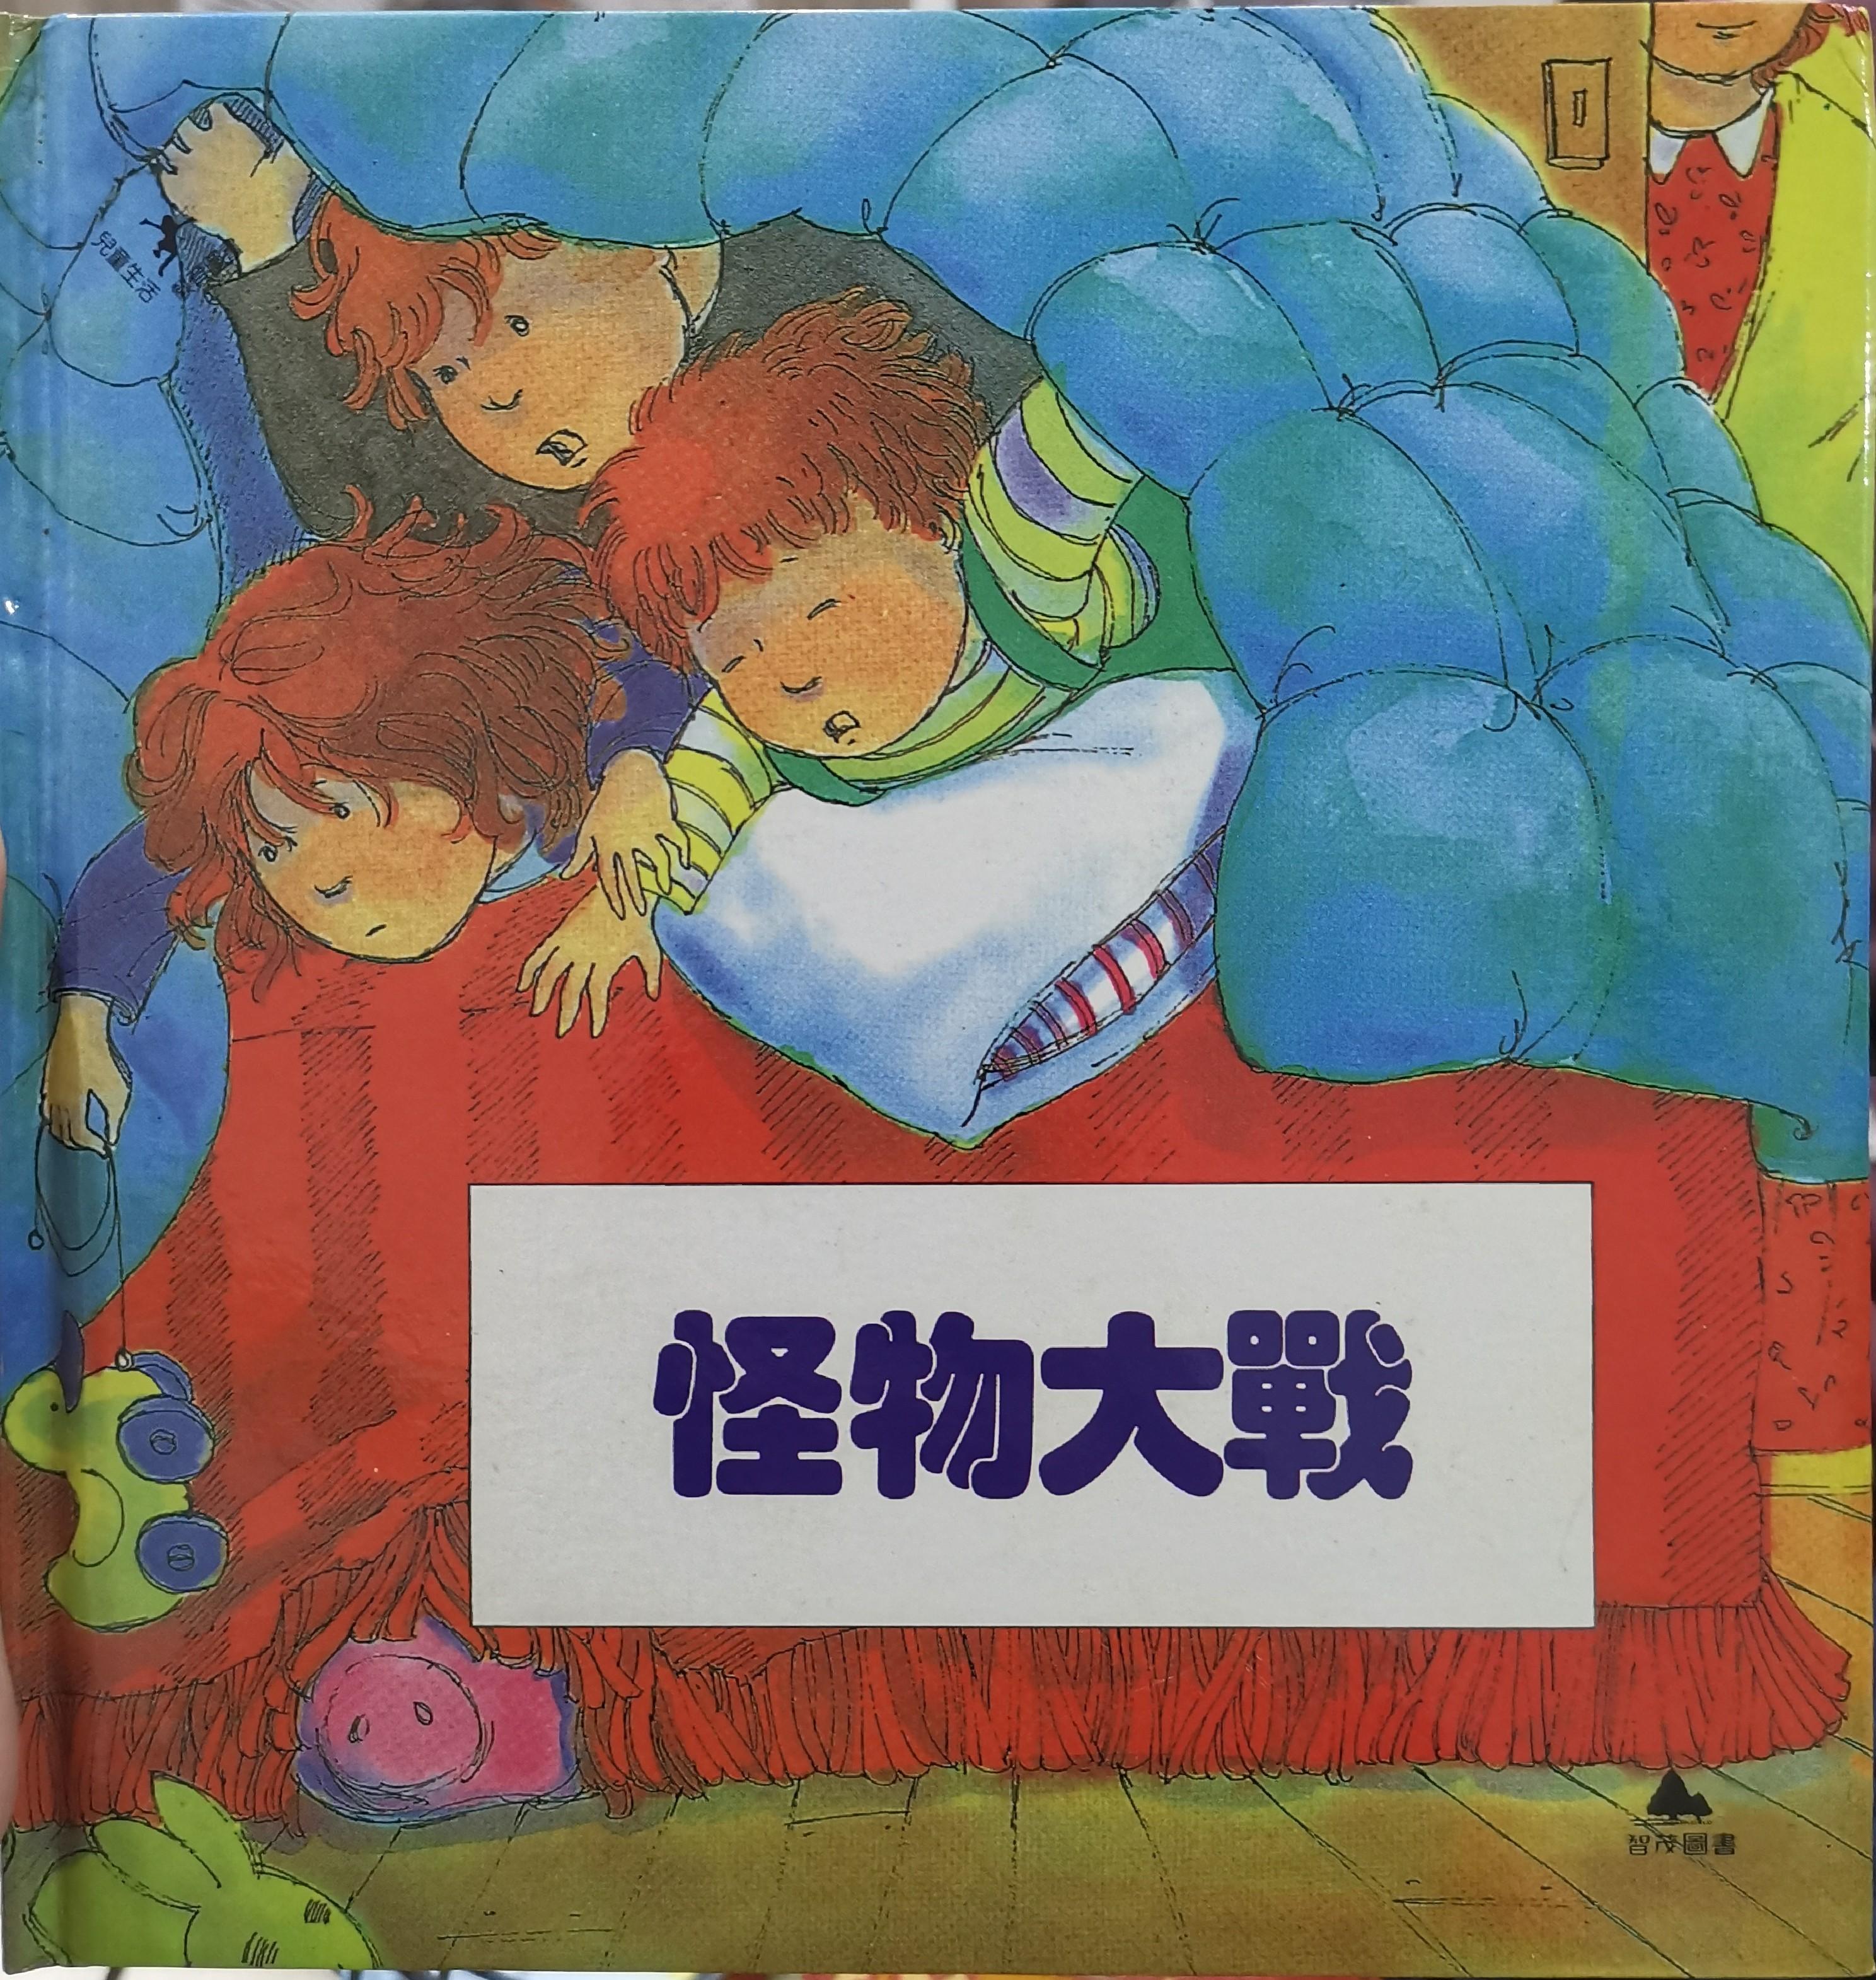 怪物大戰/智茂圖書